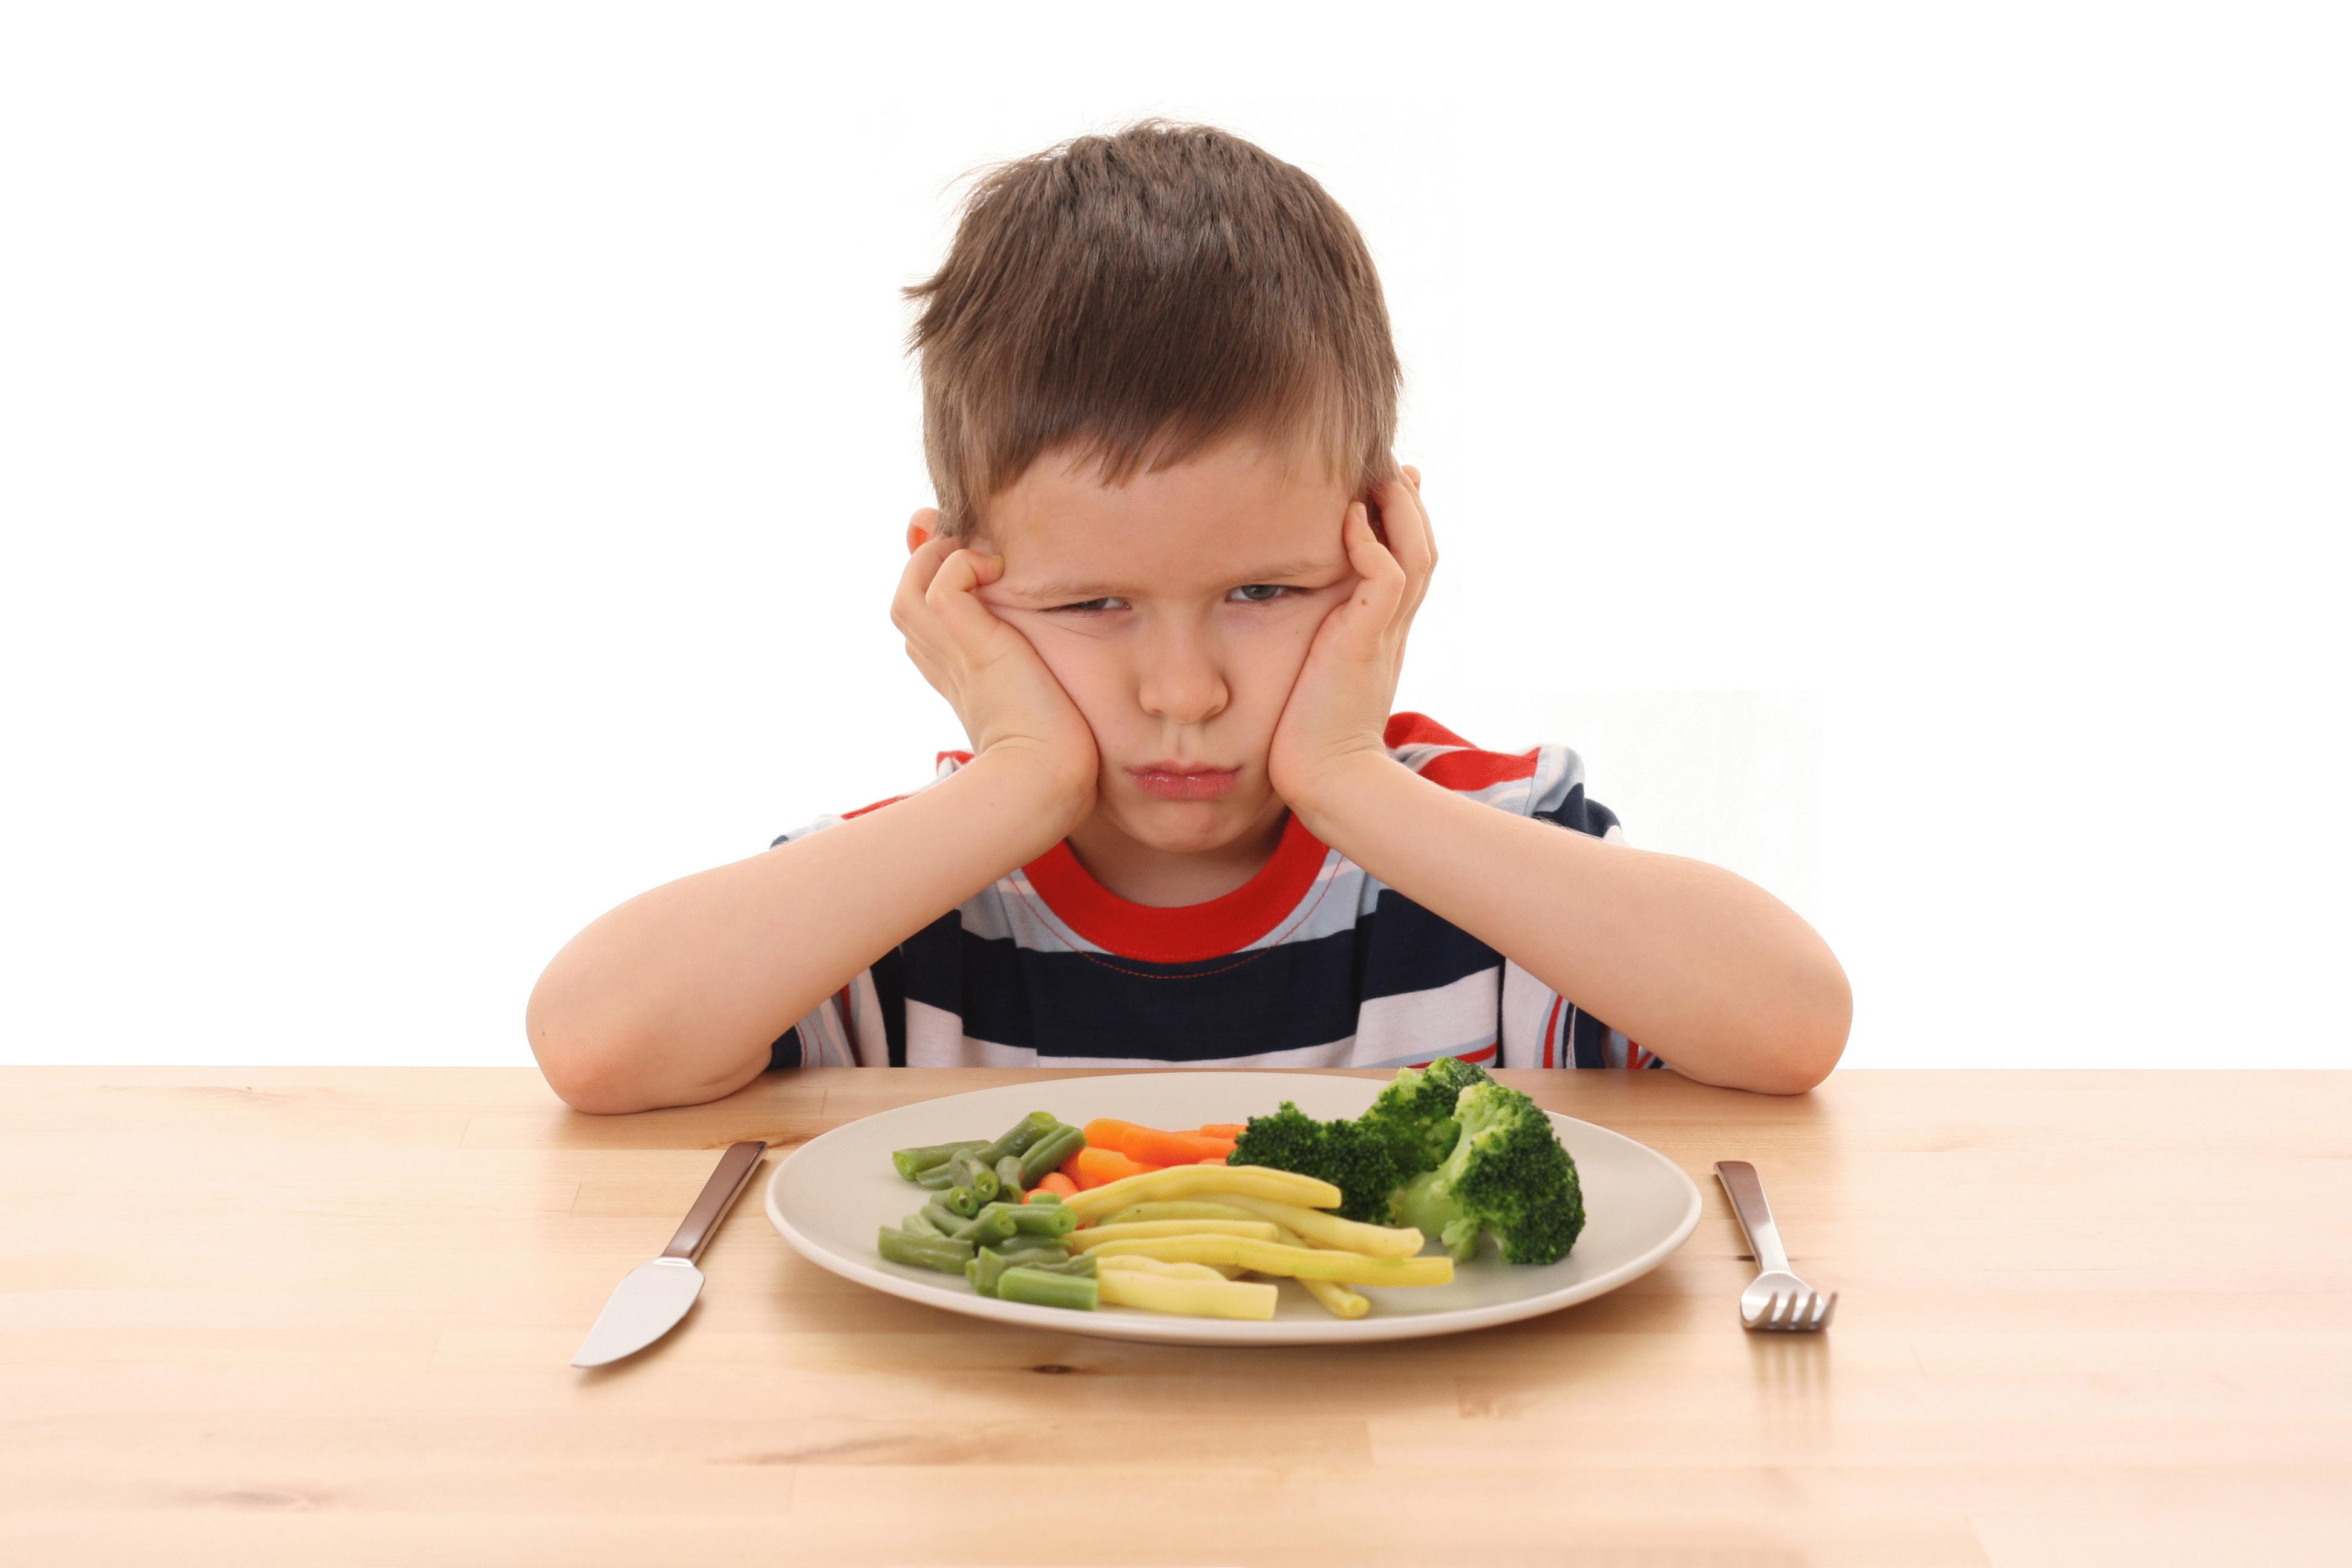 овощи и фрукты в детском рационе